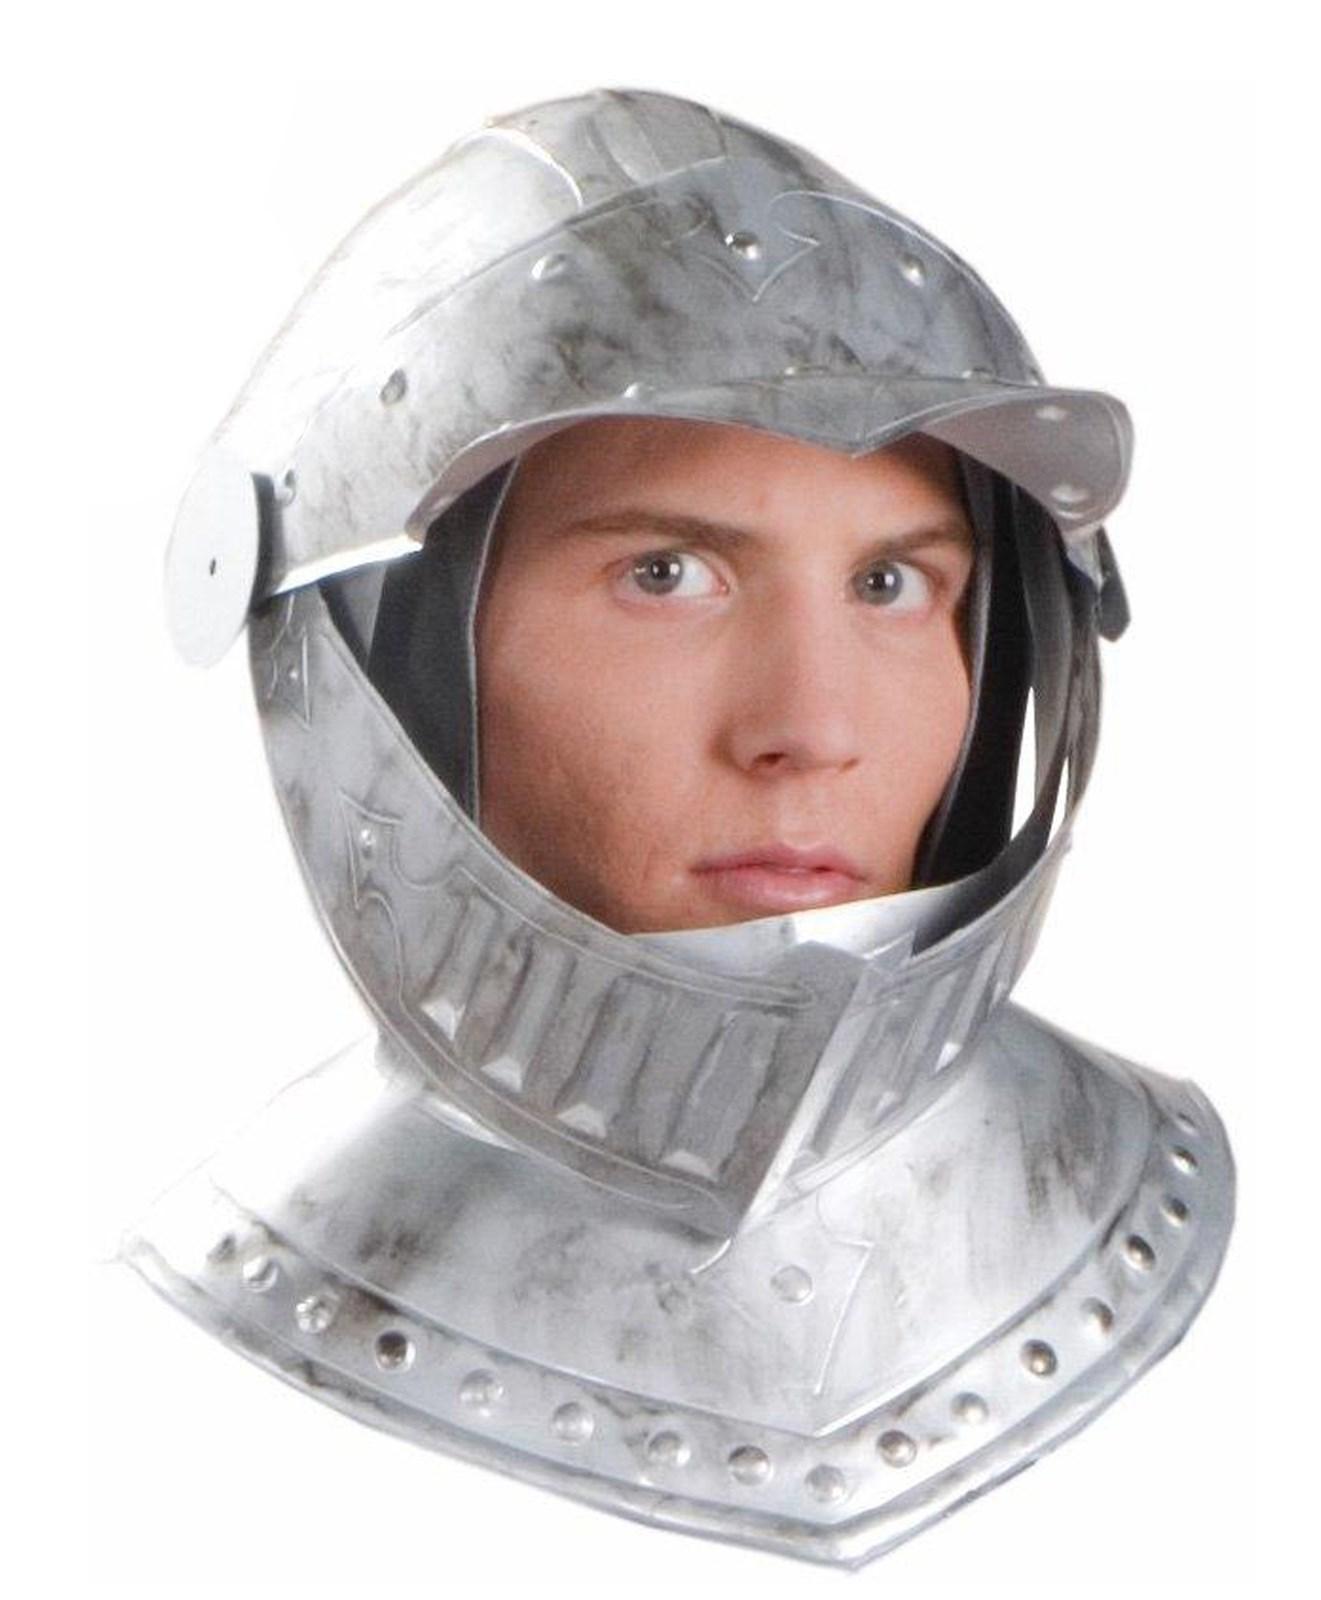 Image of Adult Knight Helmet